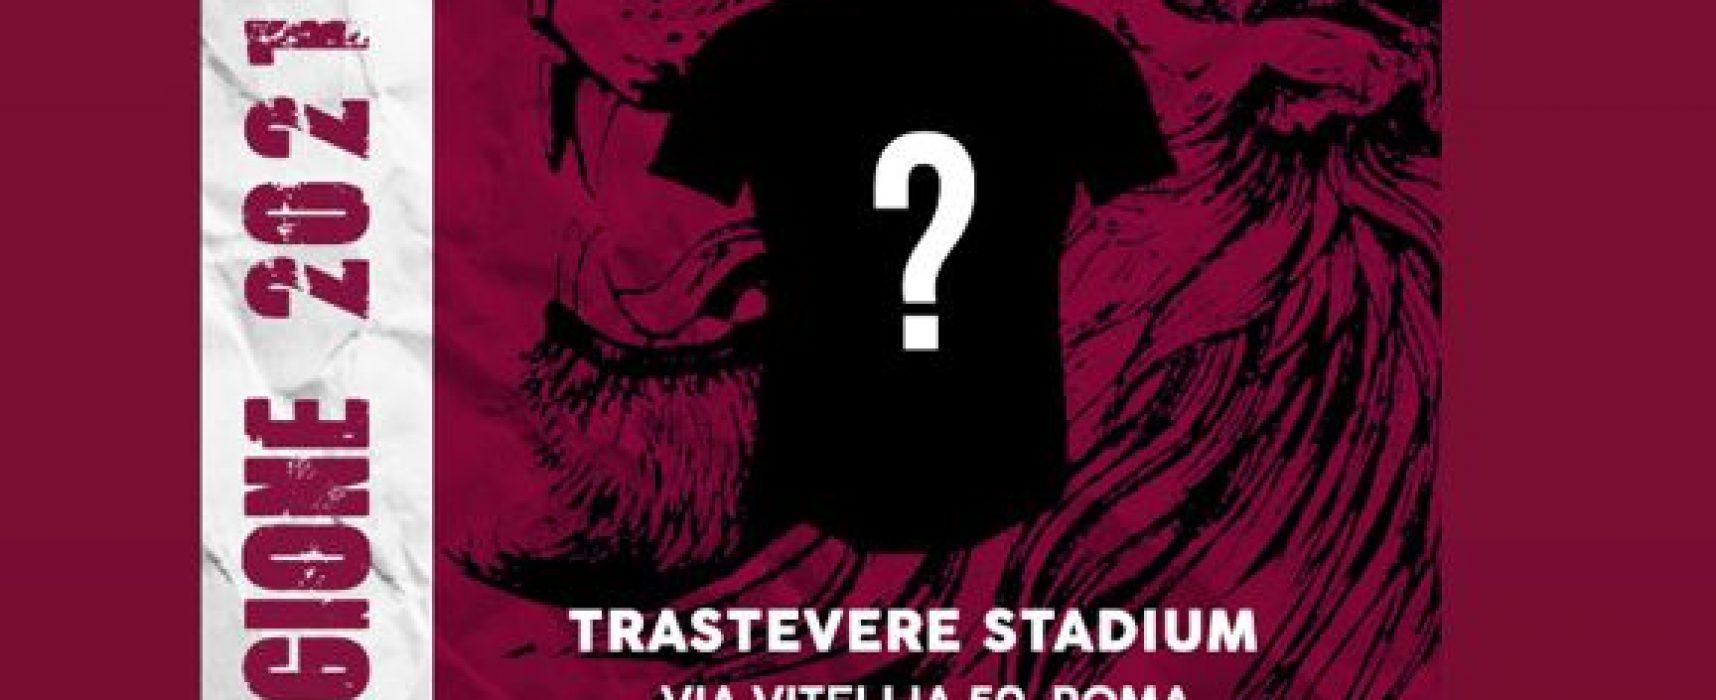 Stagione 2021/22: il 6 settembre la presentazione allo Stadium.